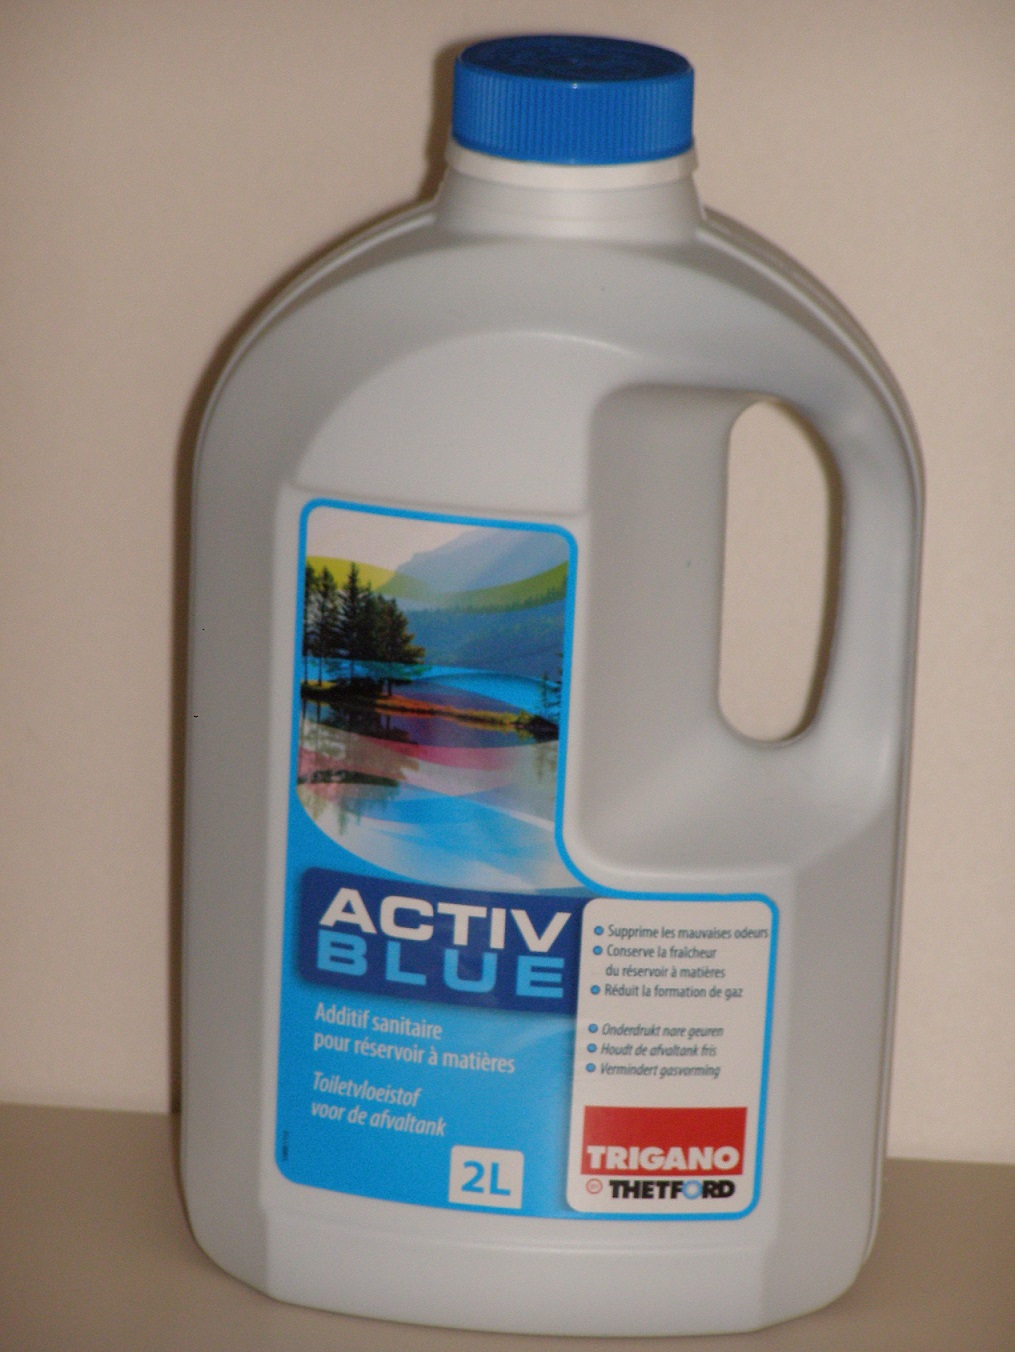 Solutii Trigano activ albastru la 2 litri